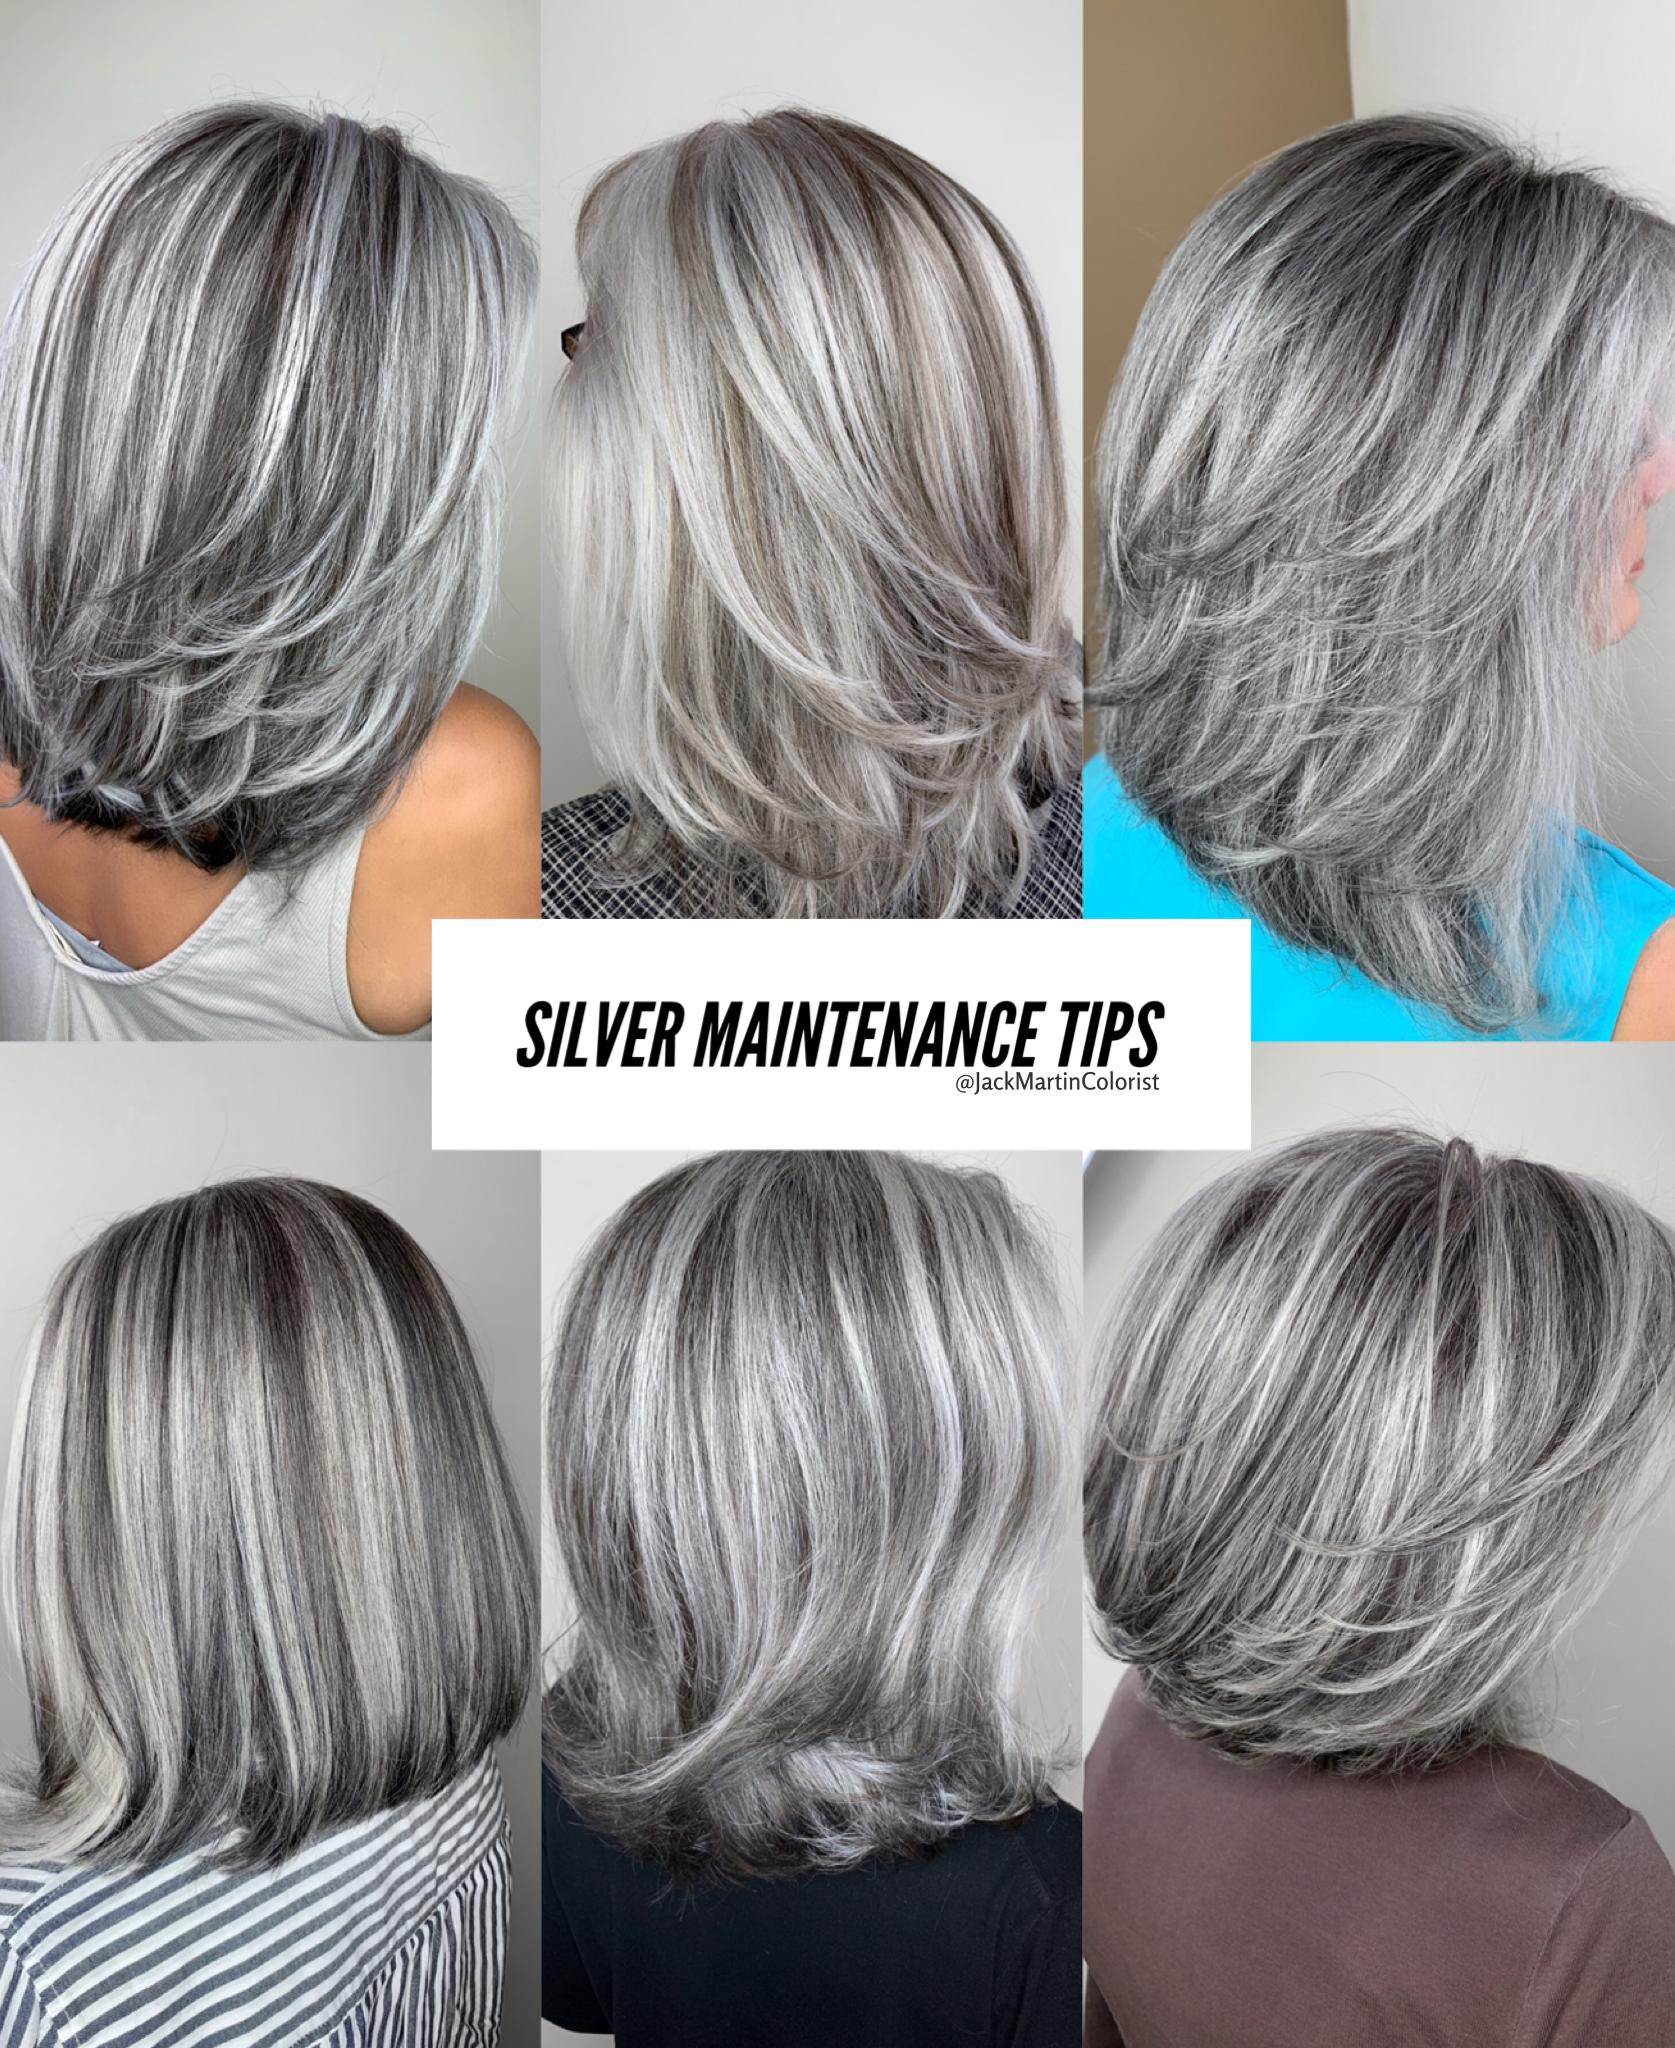 Cabello Welcome To Blog In 2020 Frisuren Graue Haare Graue Haare Highlights Silbergraue Haare